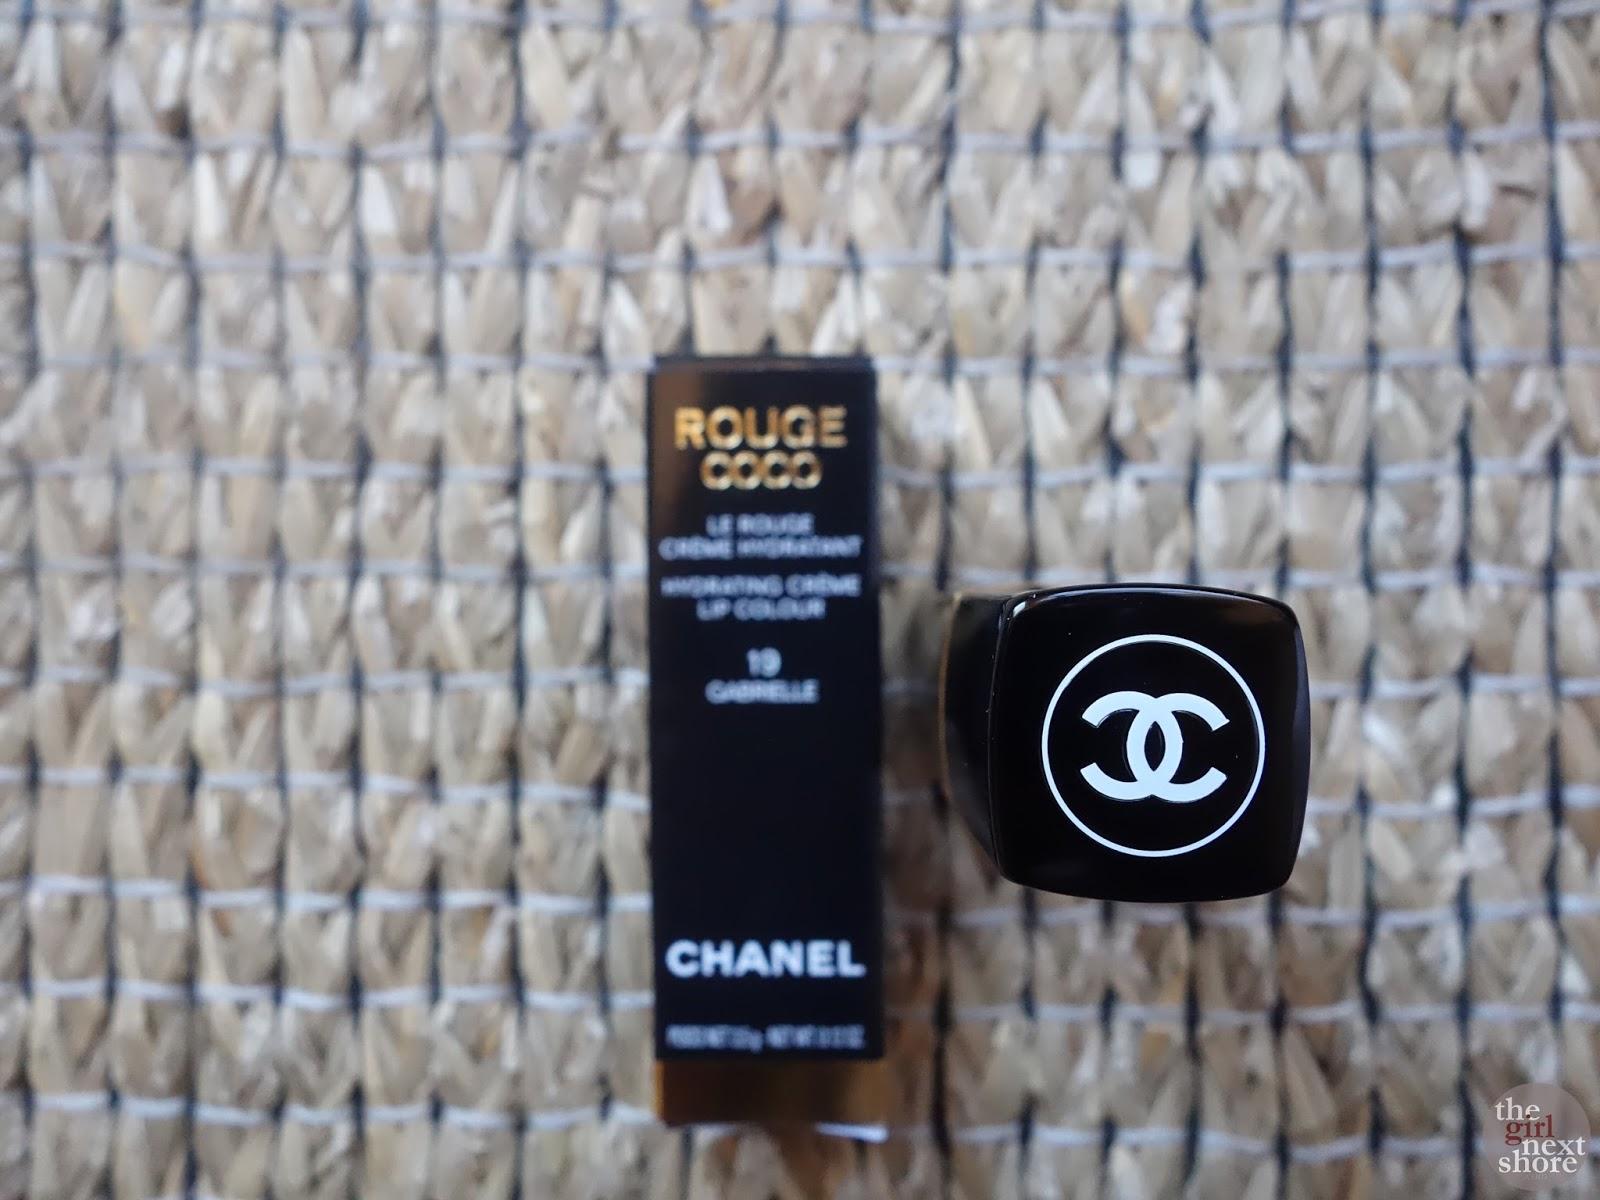 Lipstick Love: Chanel Rouge Coco 19 Gabrielle